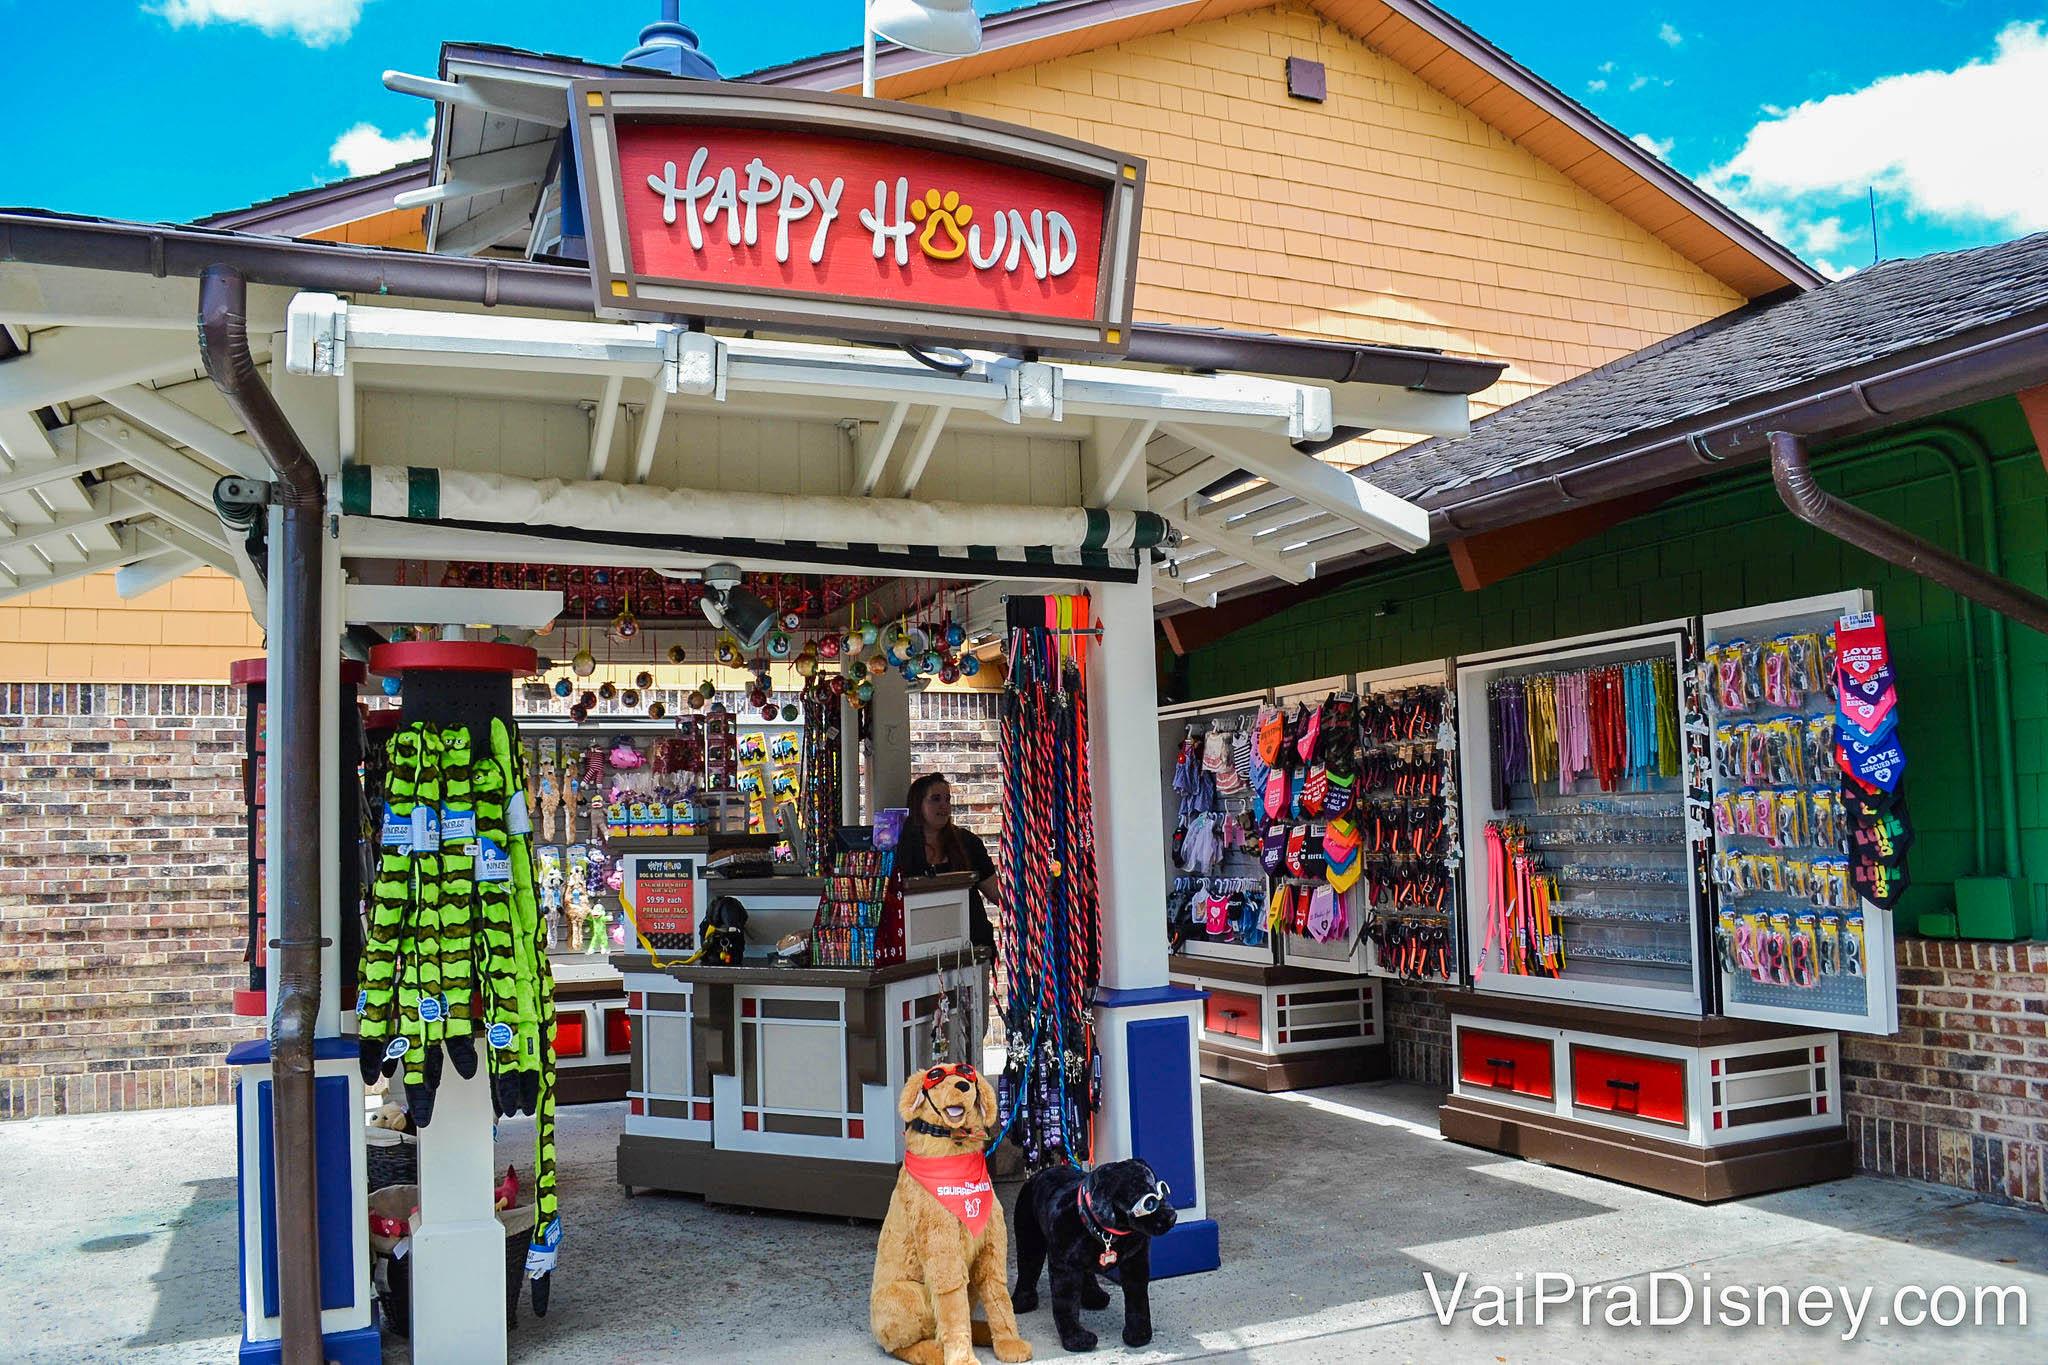 Foto do quiosque Happy Hound, que vende produtos para cachorros. Há um cachorro de pelúcia em frente, com bandana e óculos escuros.